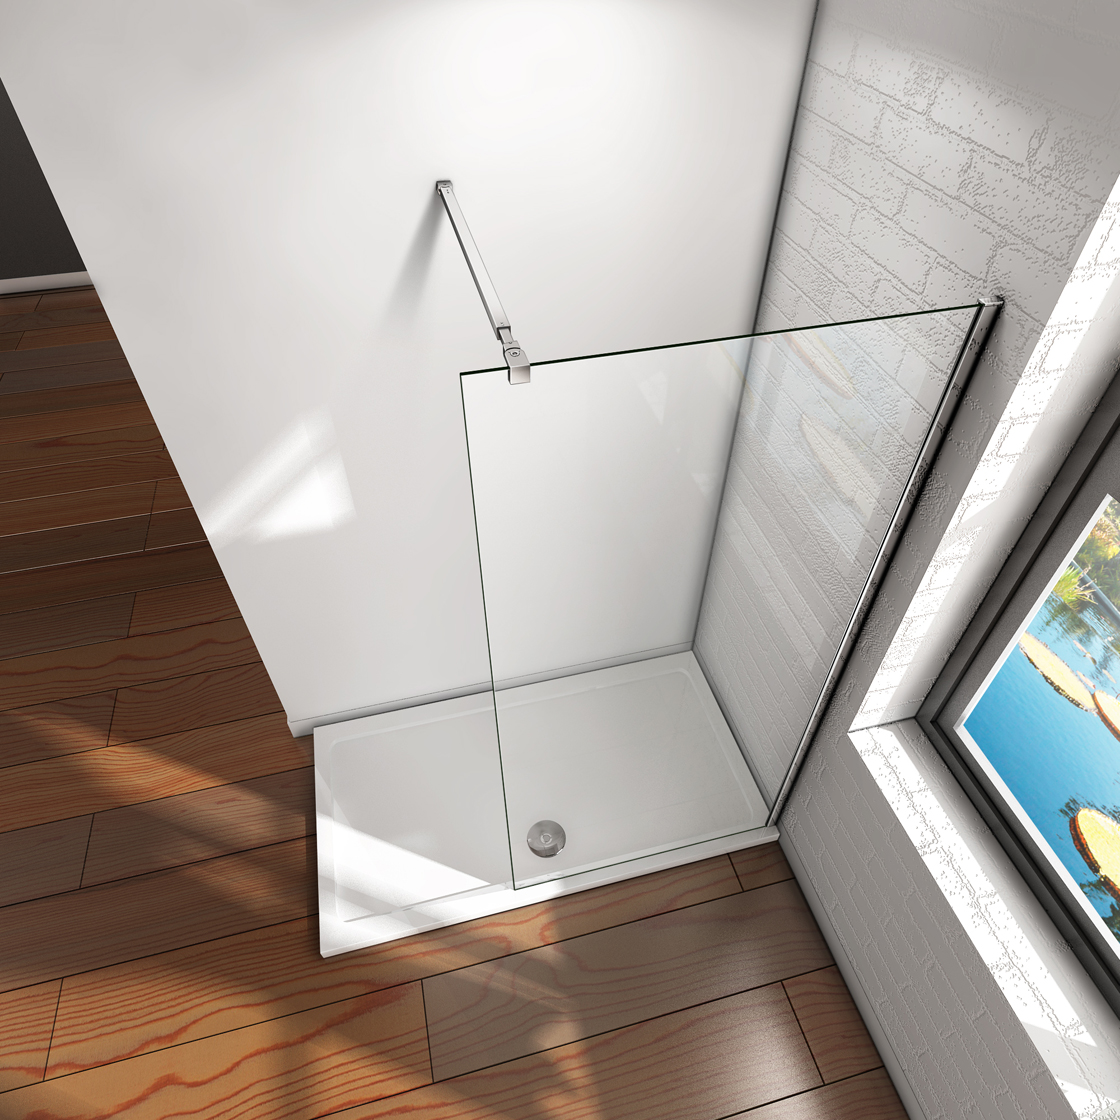 Dusche Glaswand Nano : zu 60x200cm Walk in Dusche Duschabtrennun g 8mm Nano-glas Duschwand